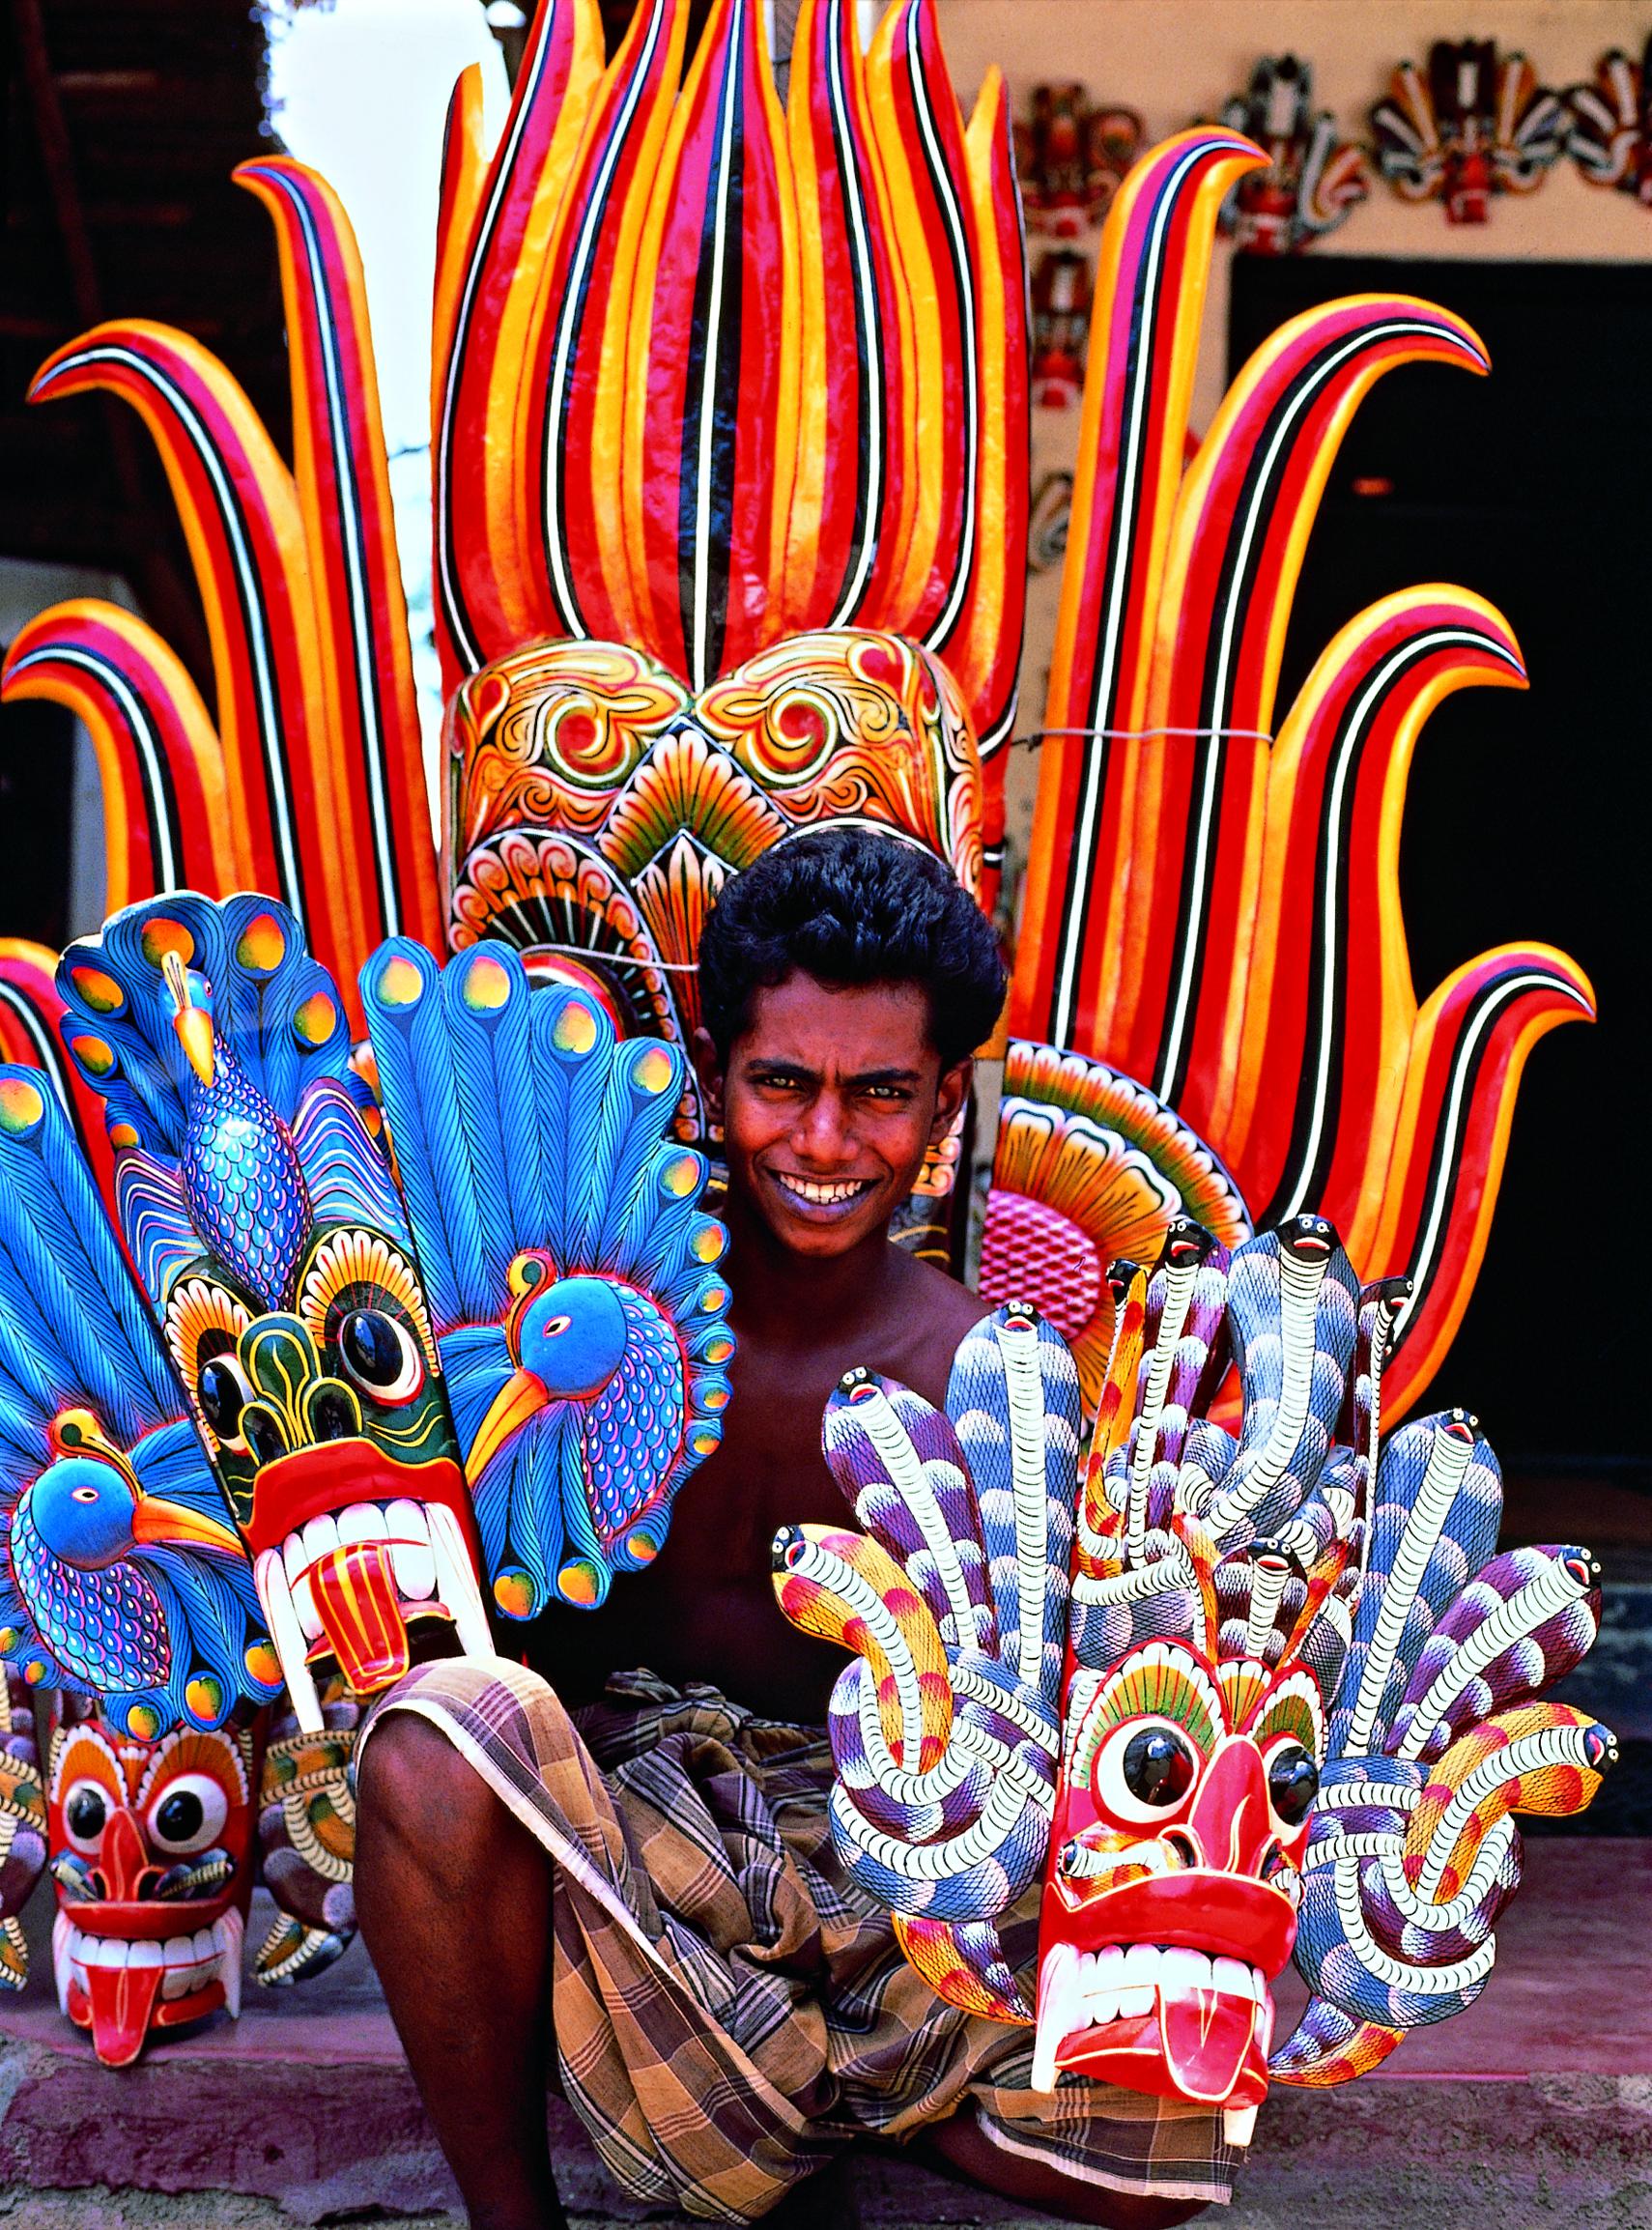 Taste of Sri Lanka Mask Maker - 000888.jpg